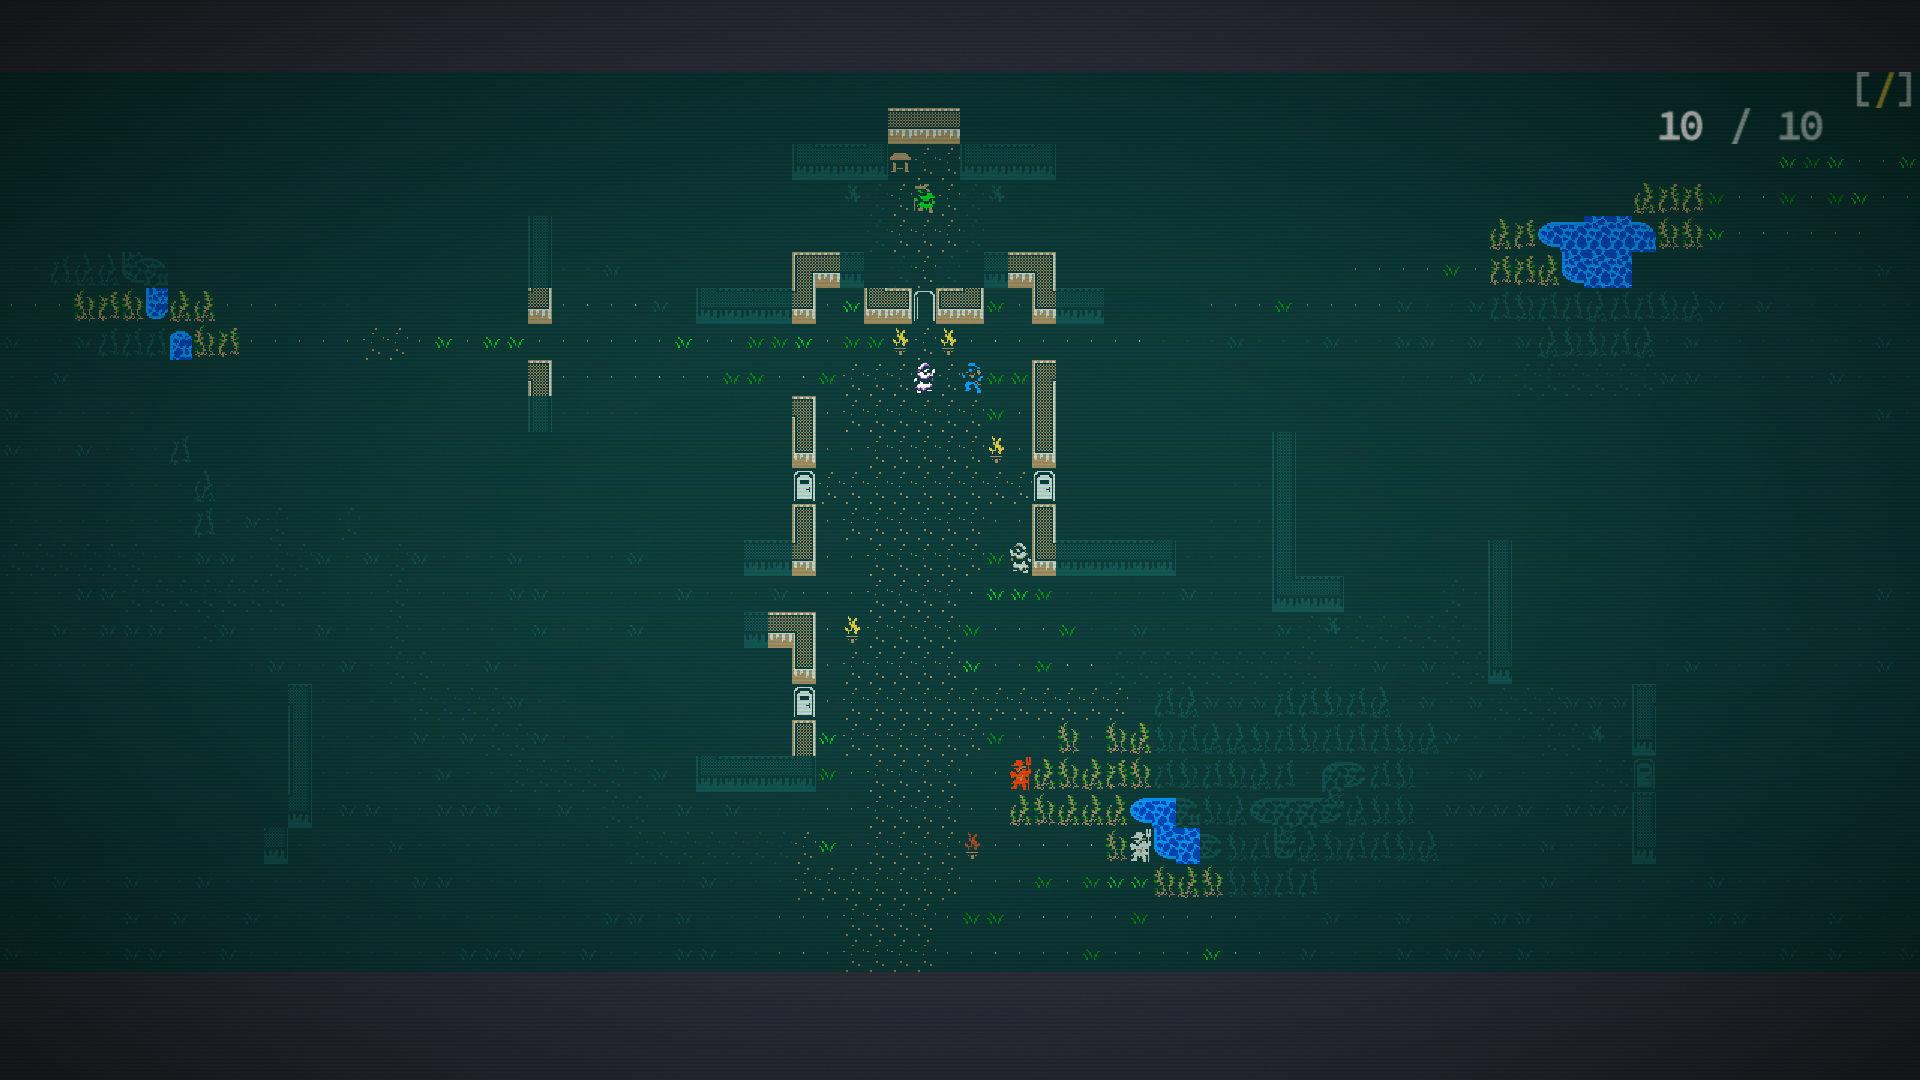 Caves of Qud screenshot 3